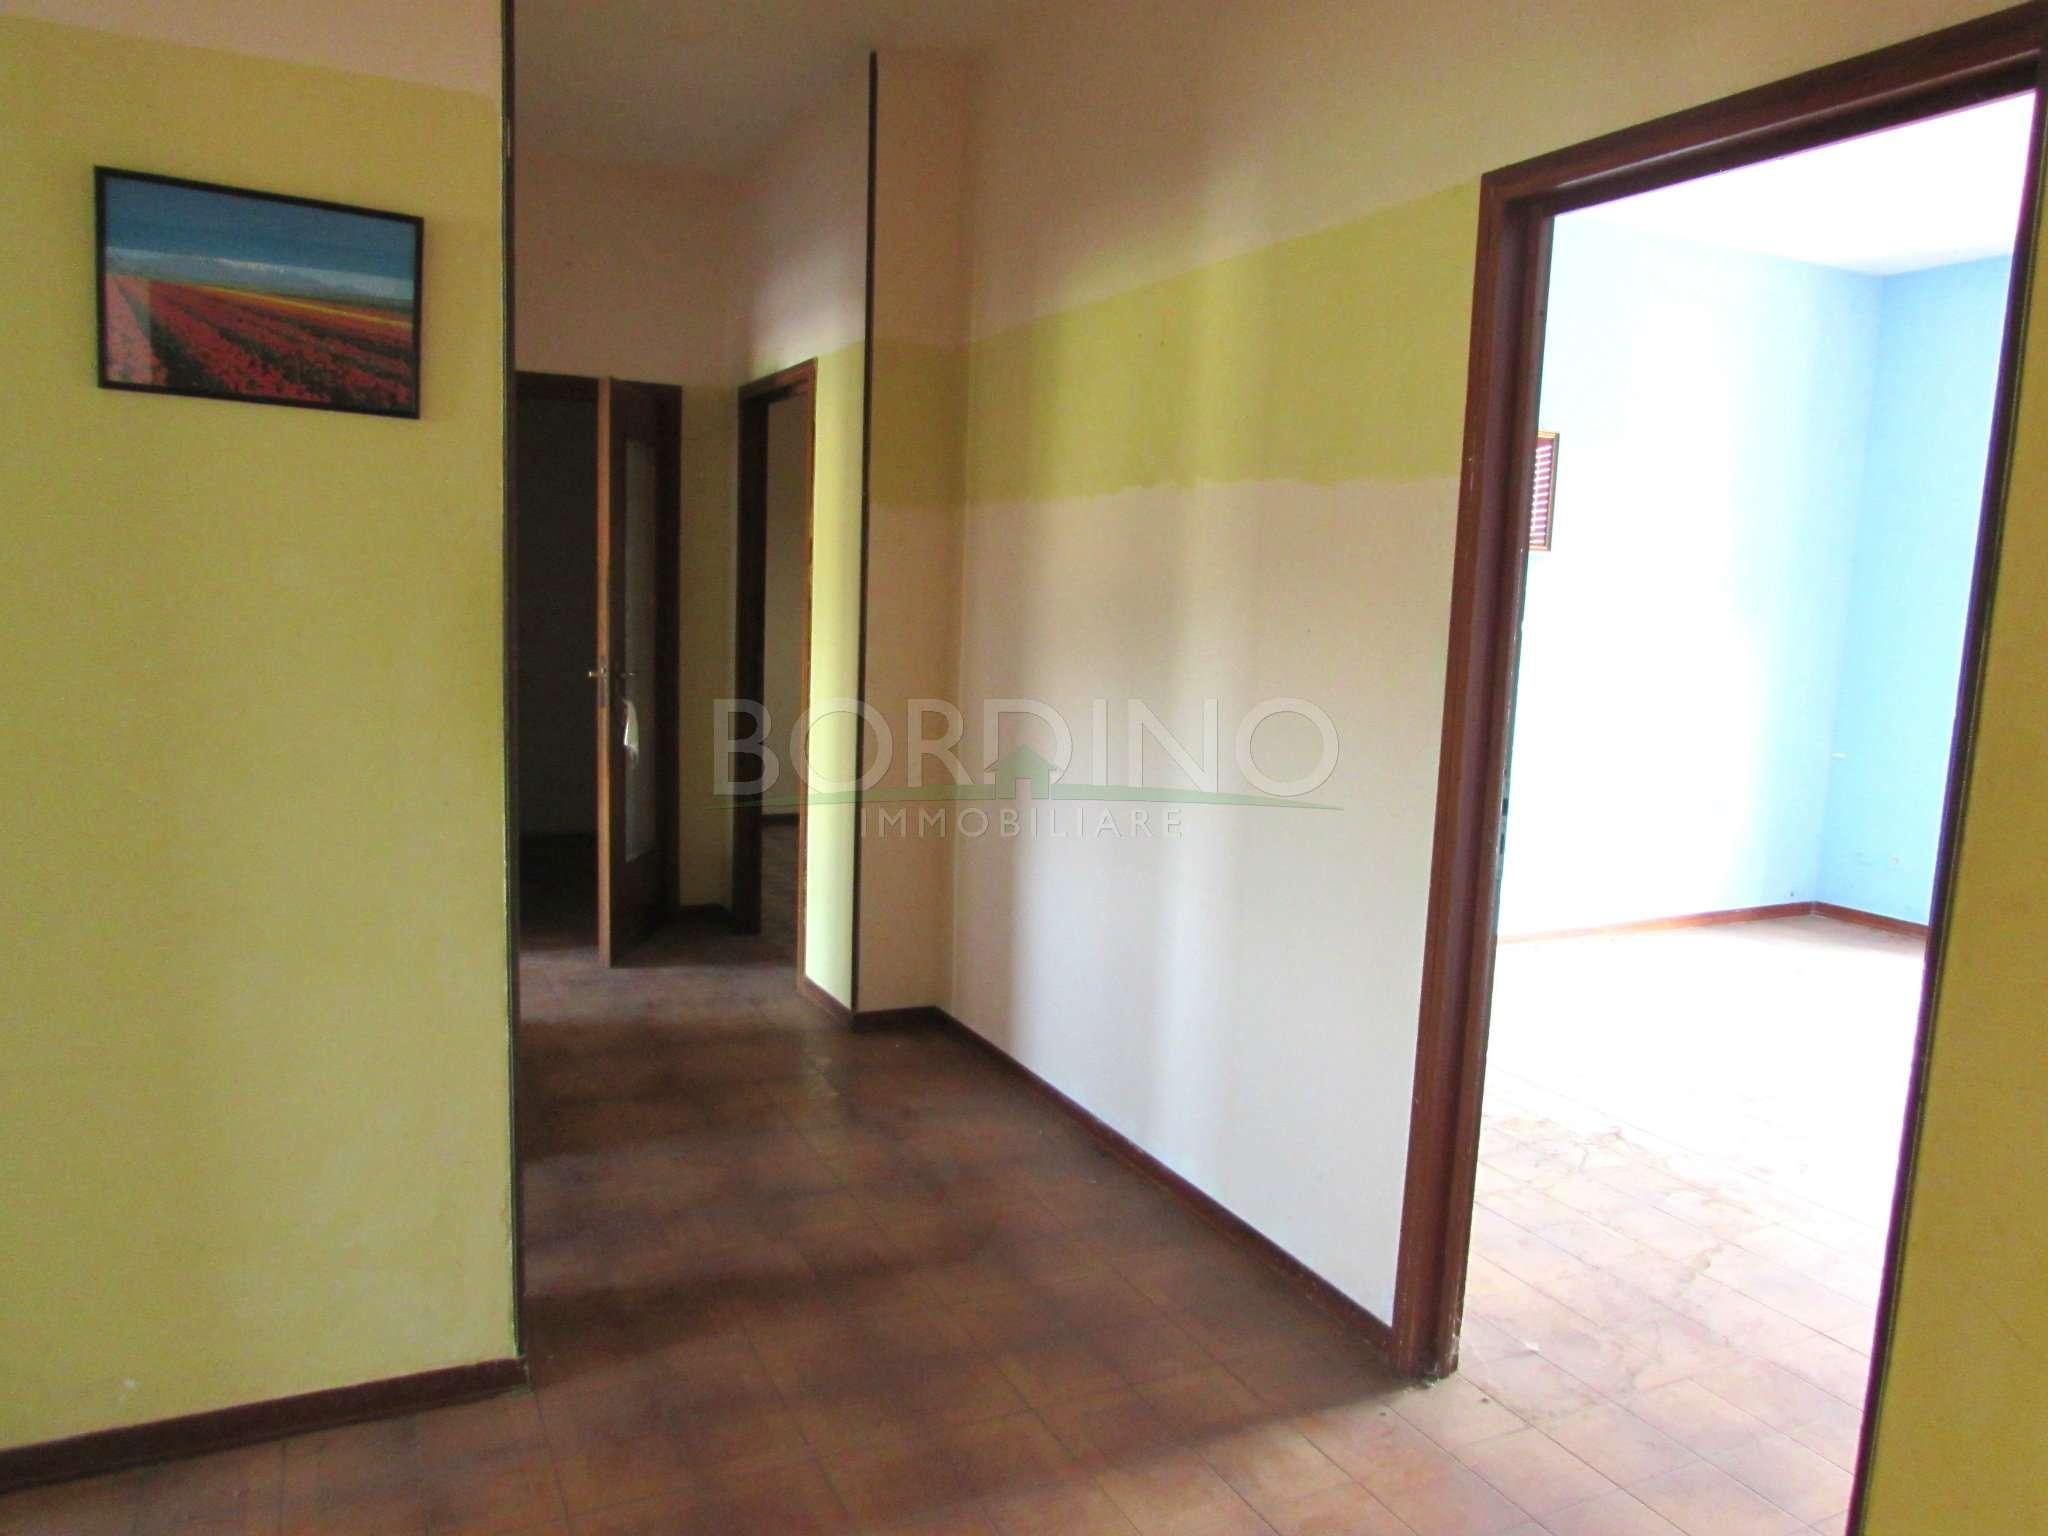 Appartamento in vendita Rif. 7474374